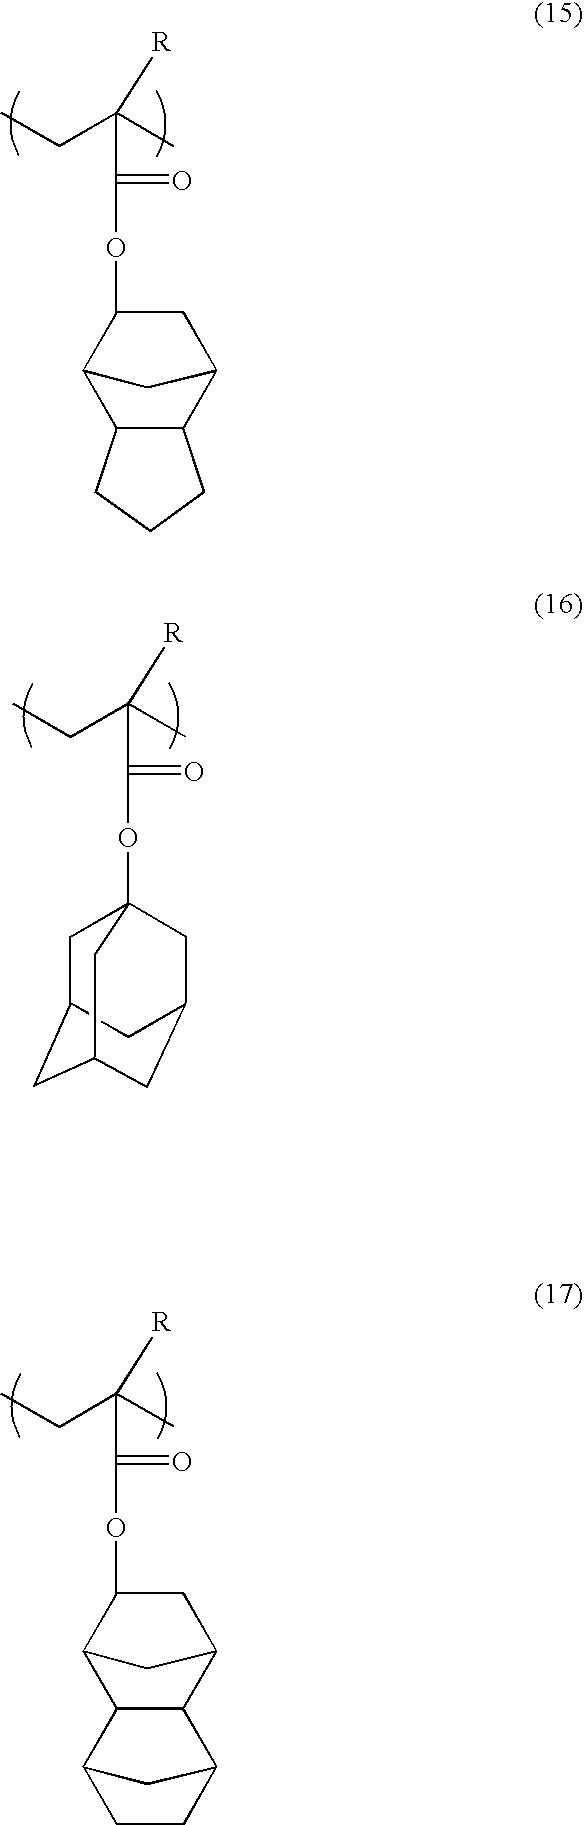 Figure US20060141400A1-20060629-C00006